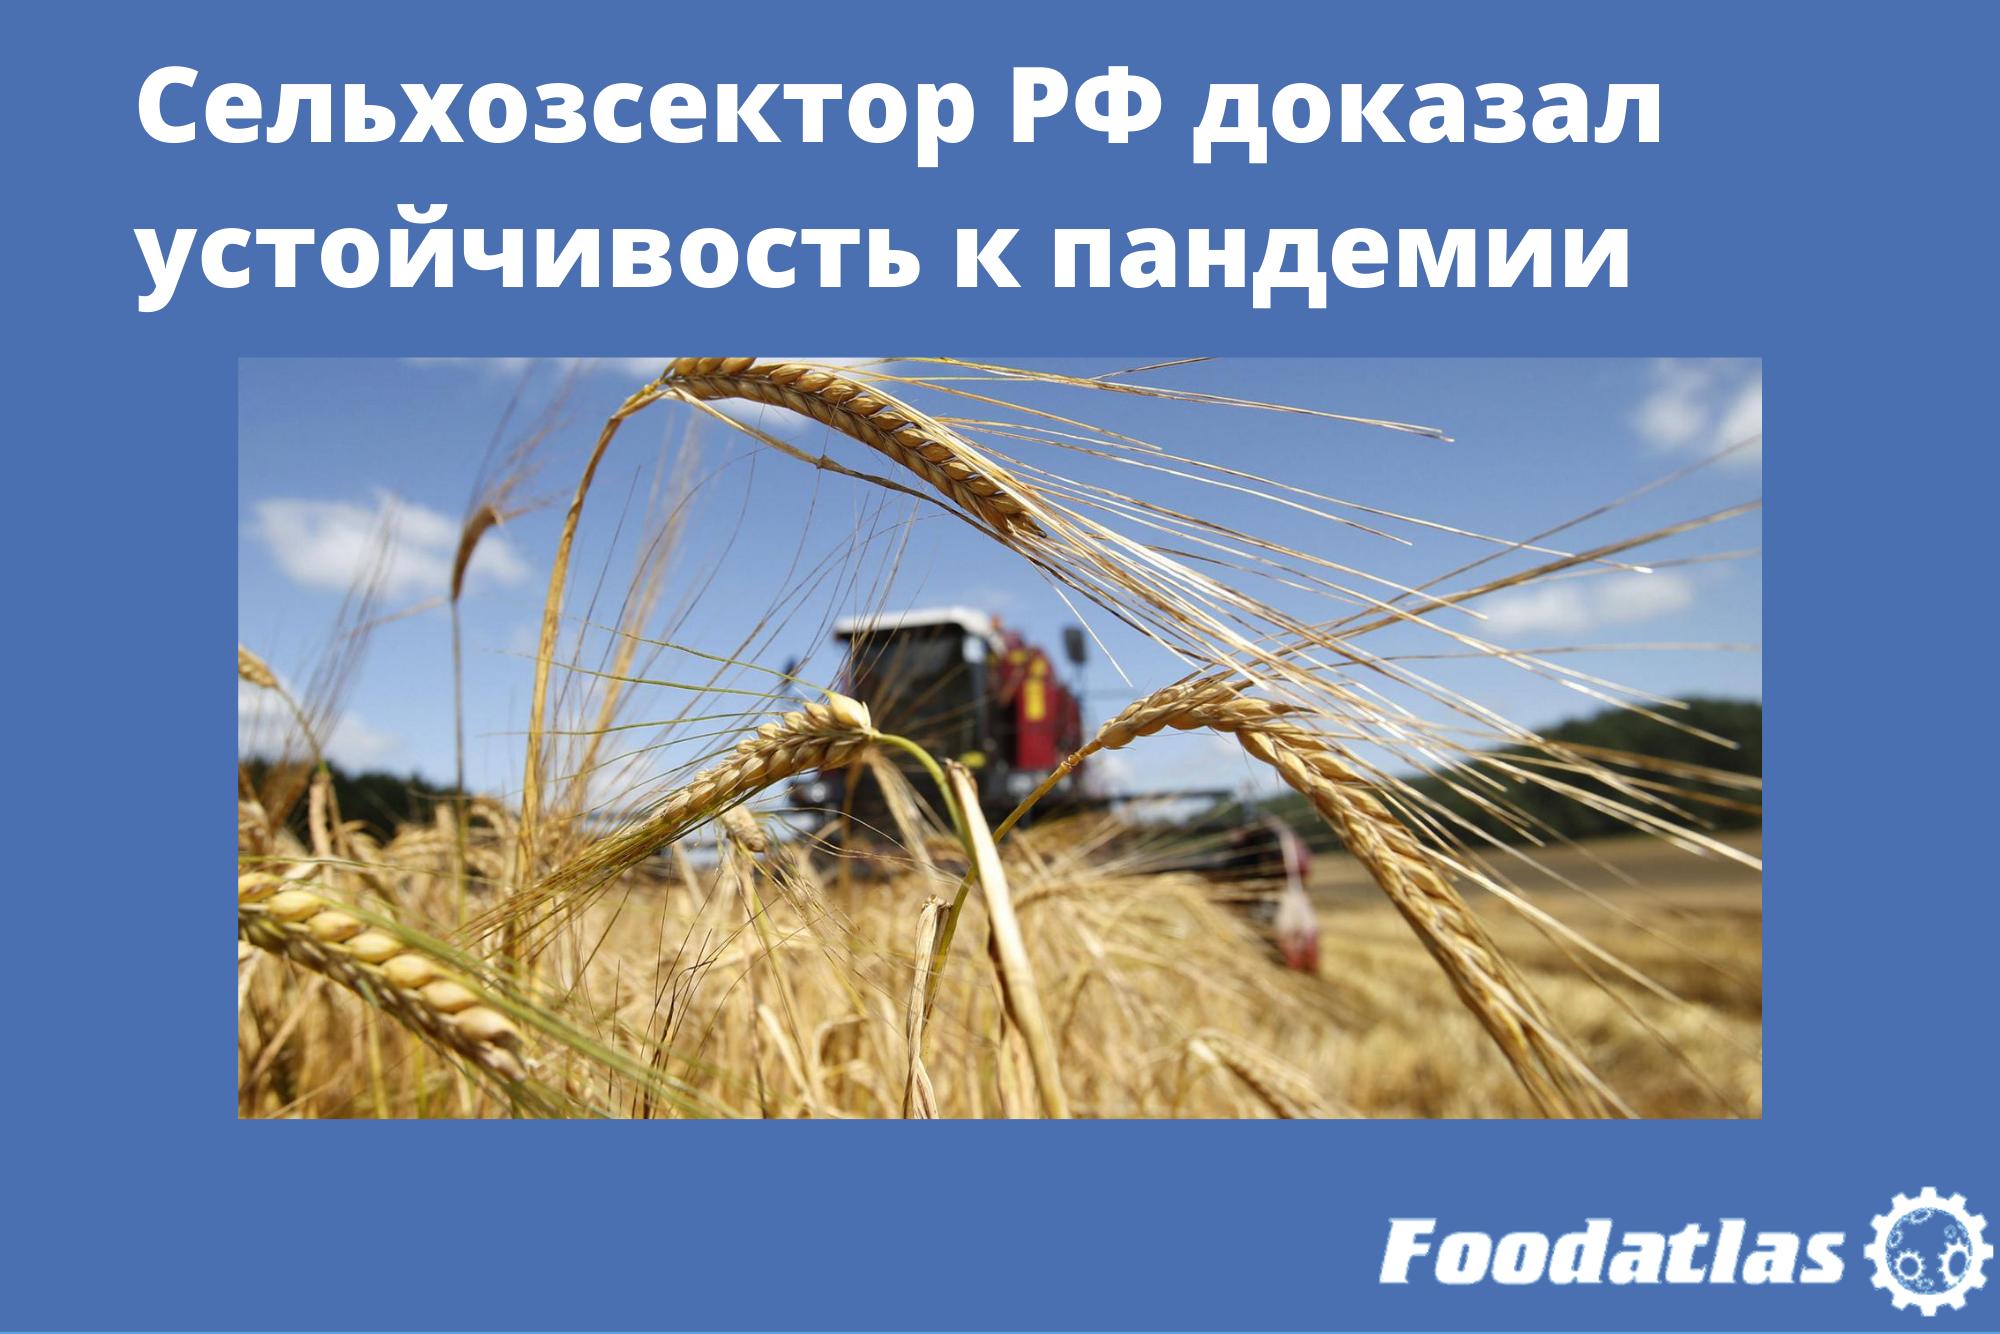 Сельхозсектор РФ доказал устойчивость к пандемии